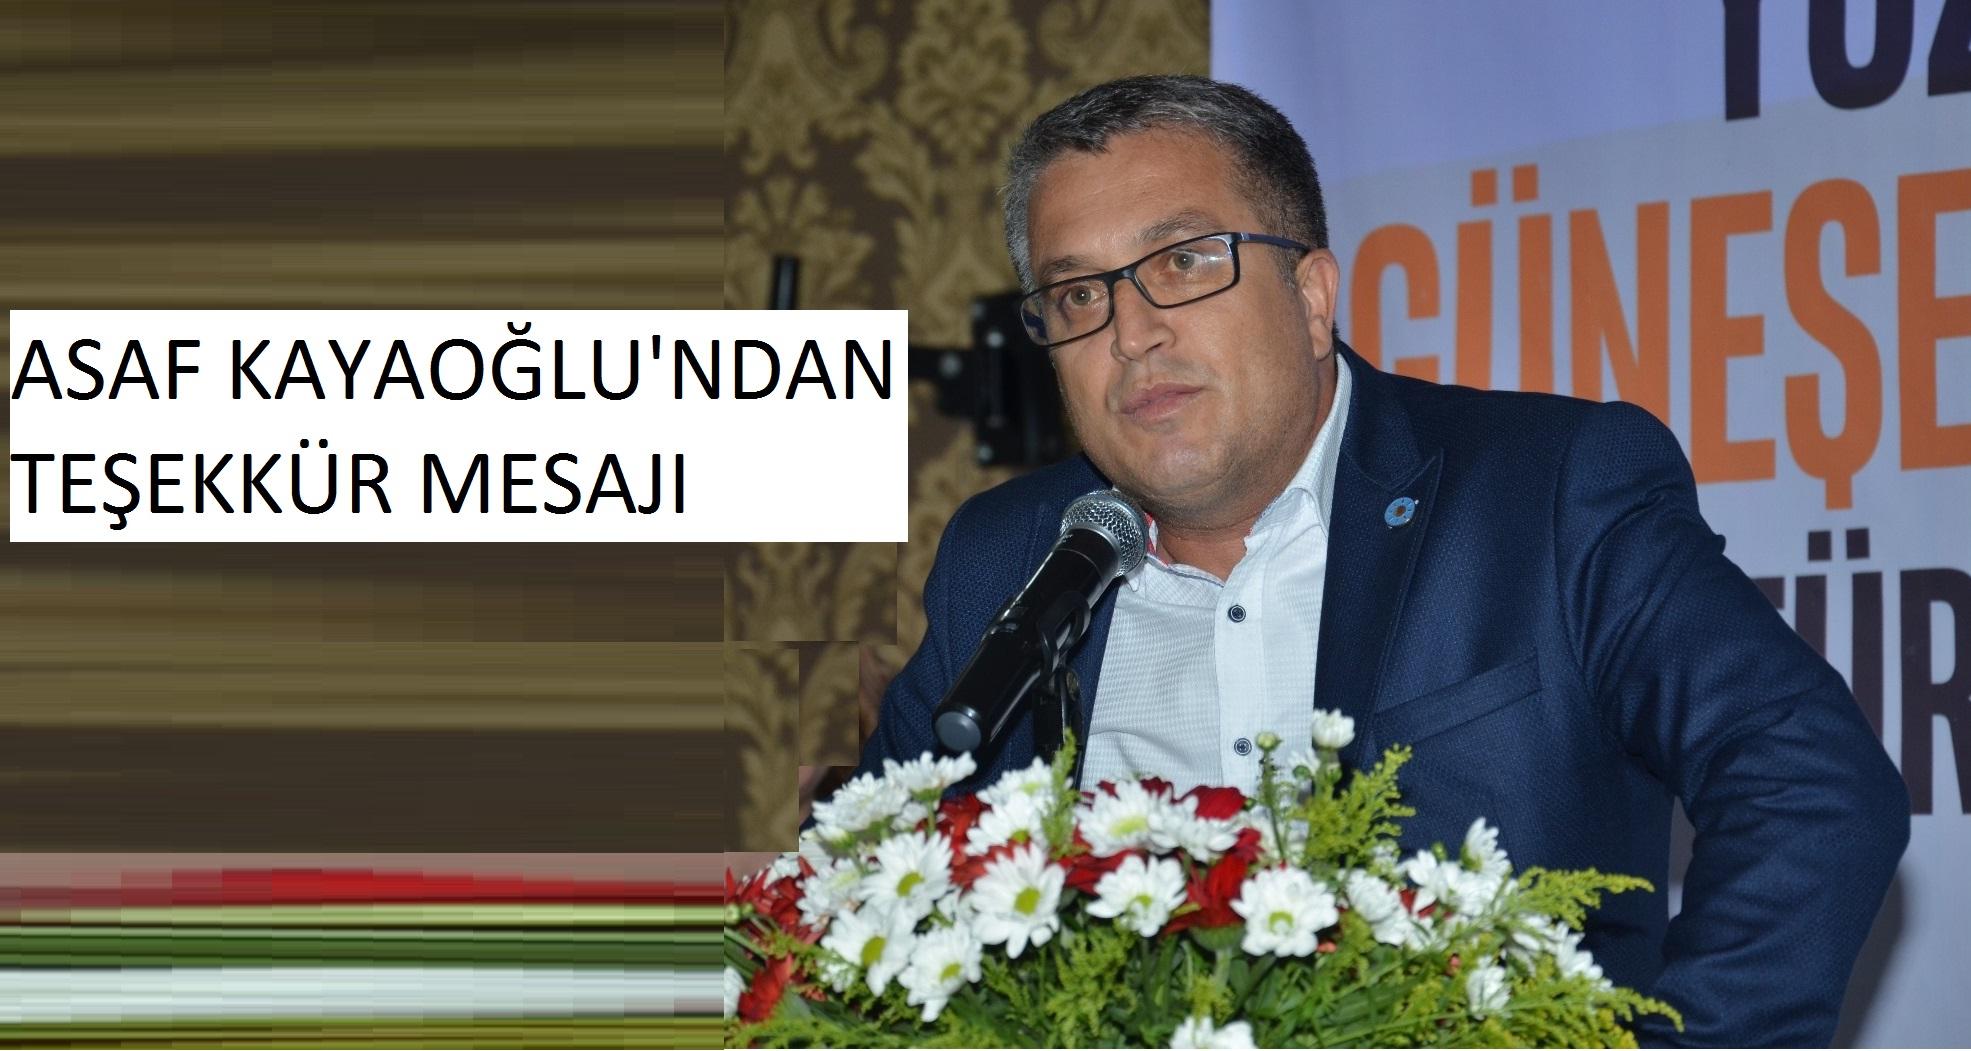 ASAF KAYAOĞLU, TEŞEKKÜR MESAJI YAYINLADI.